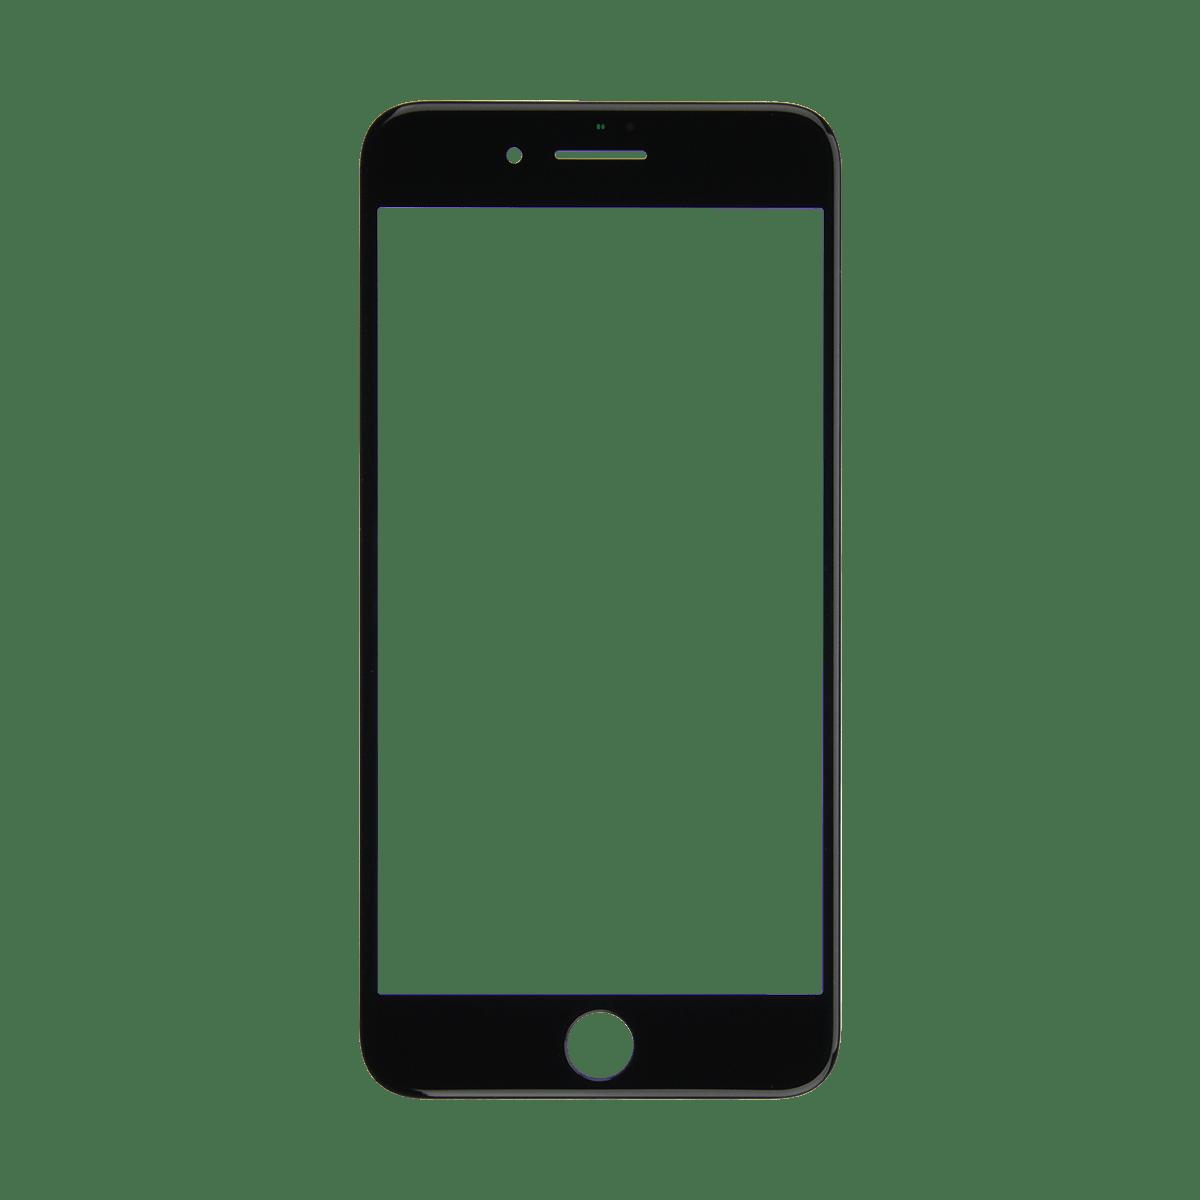 Iphone 5s Diagram Interior IPhone App Button ~ Elsavadorla